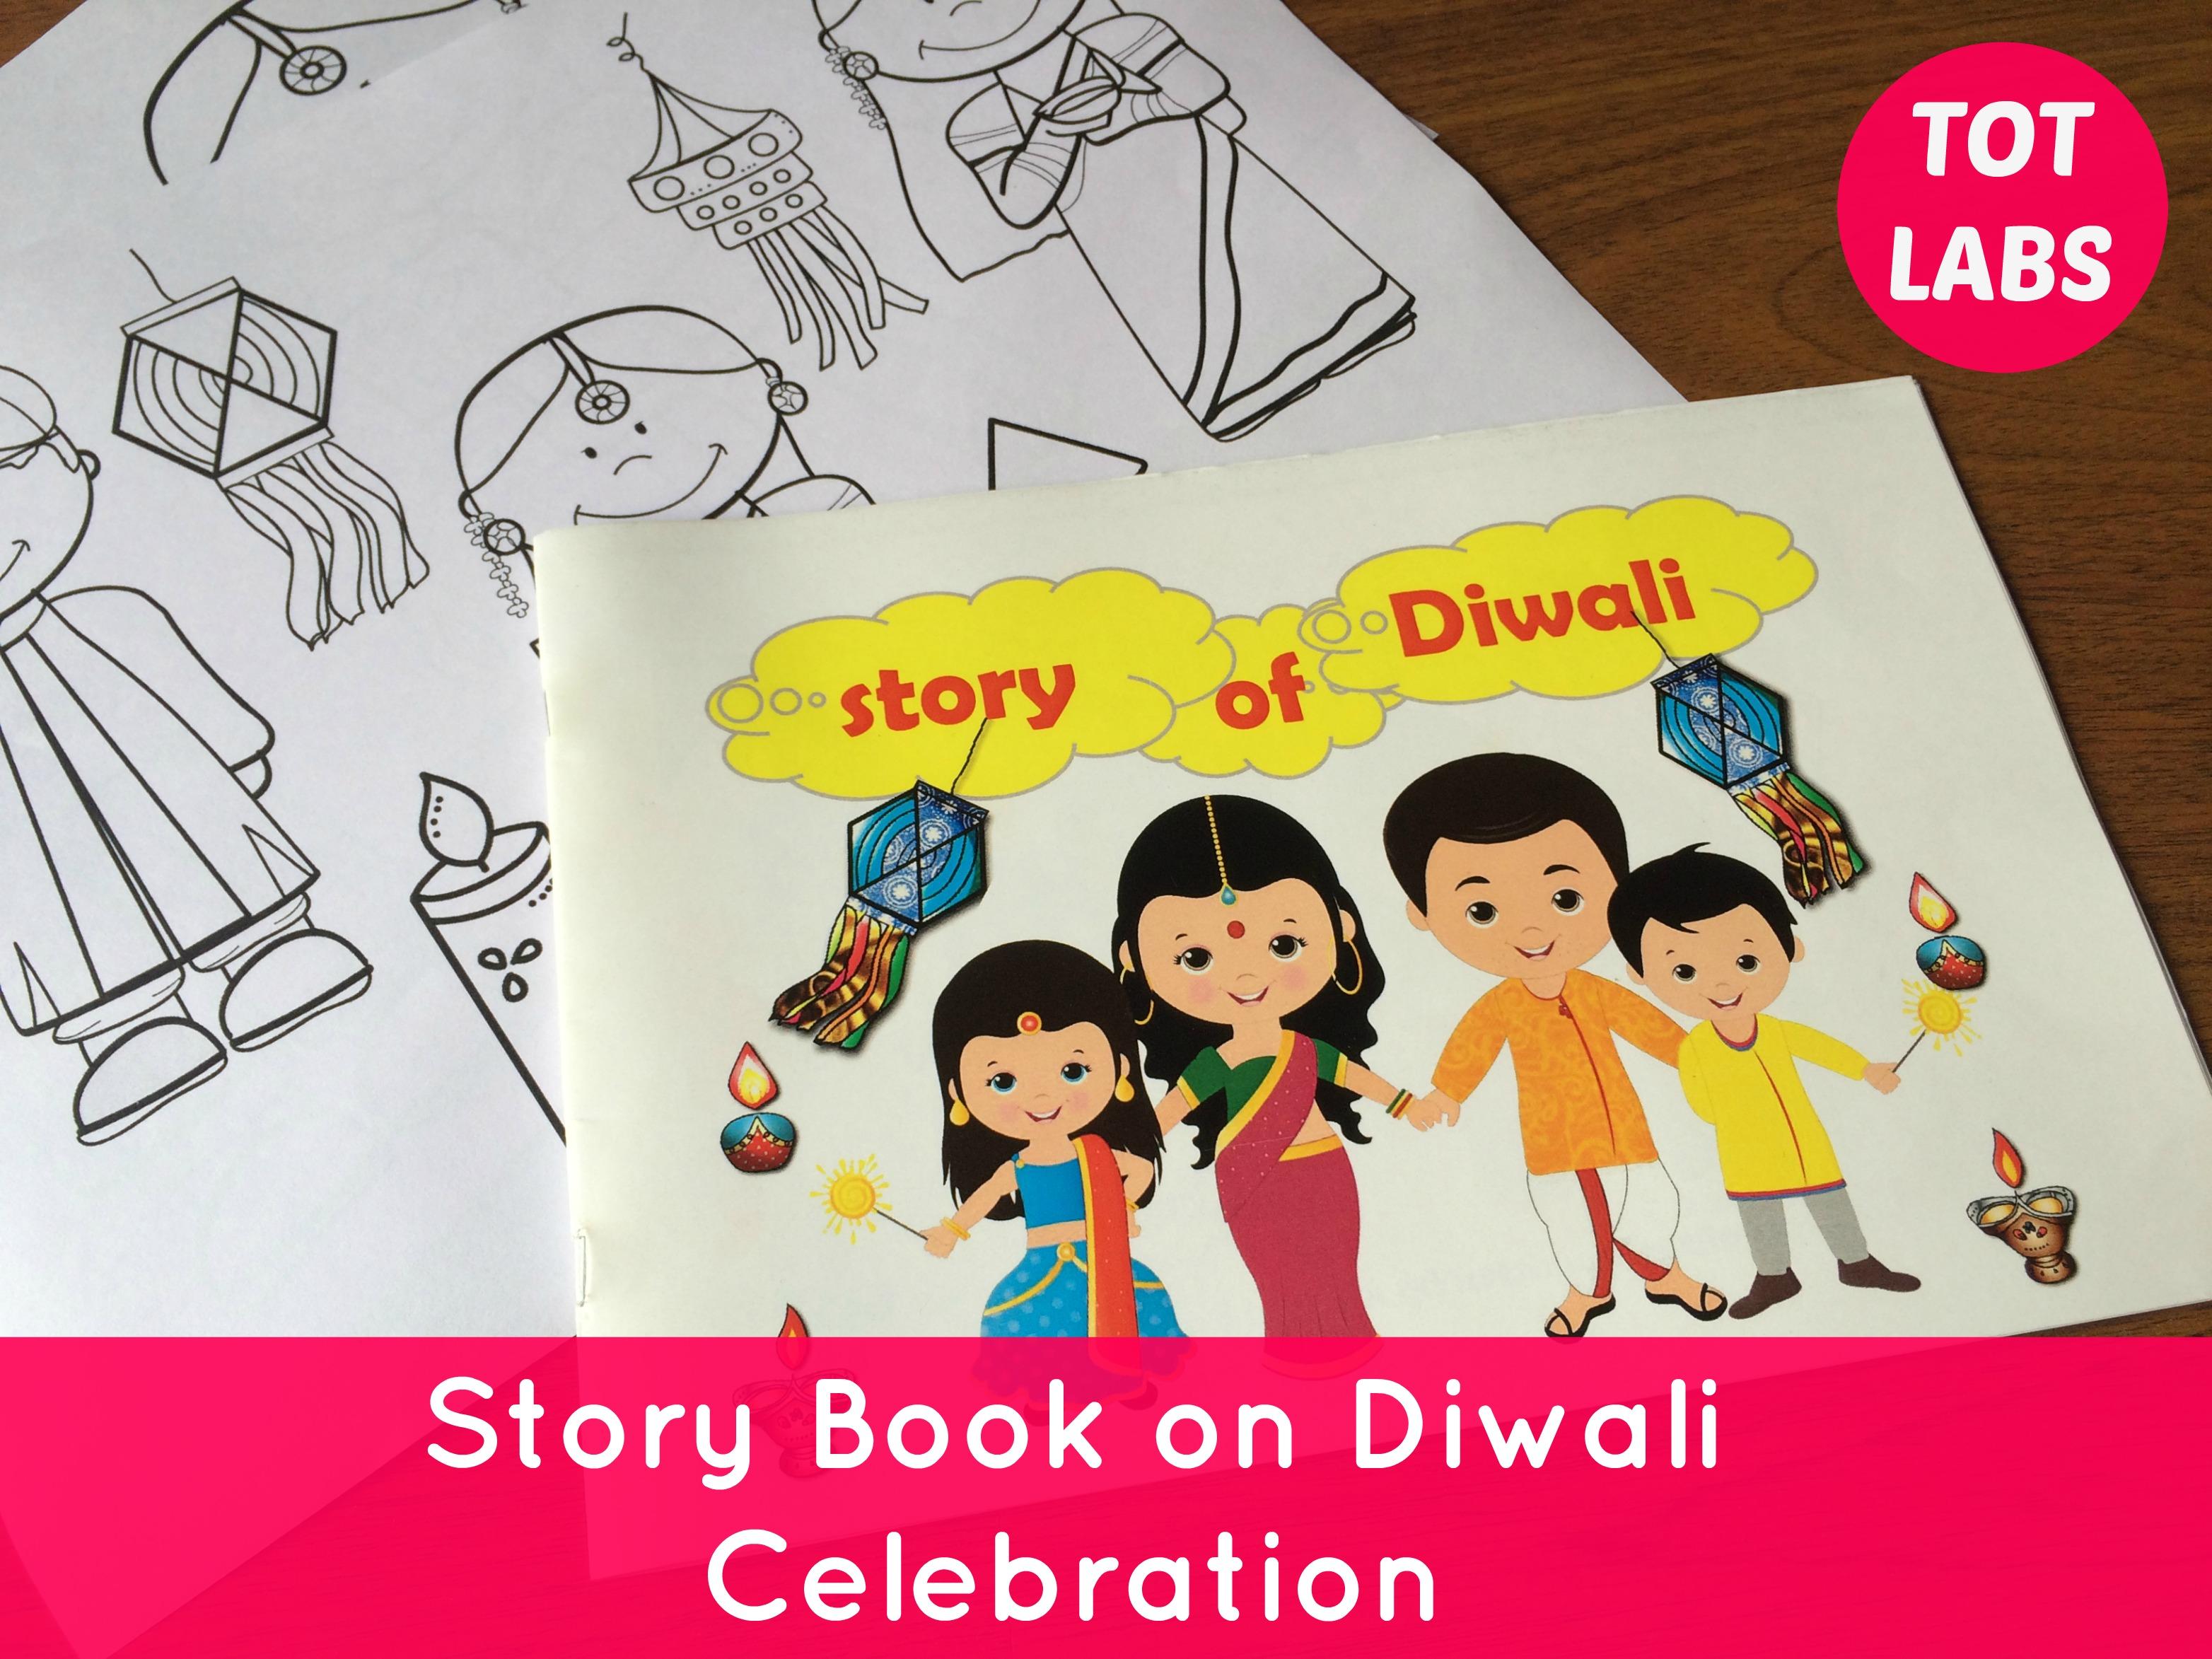 story-book-diwali